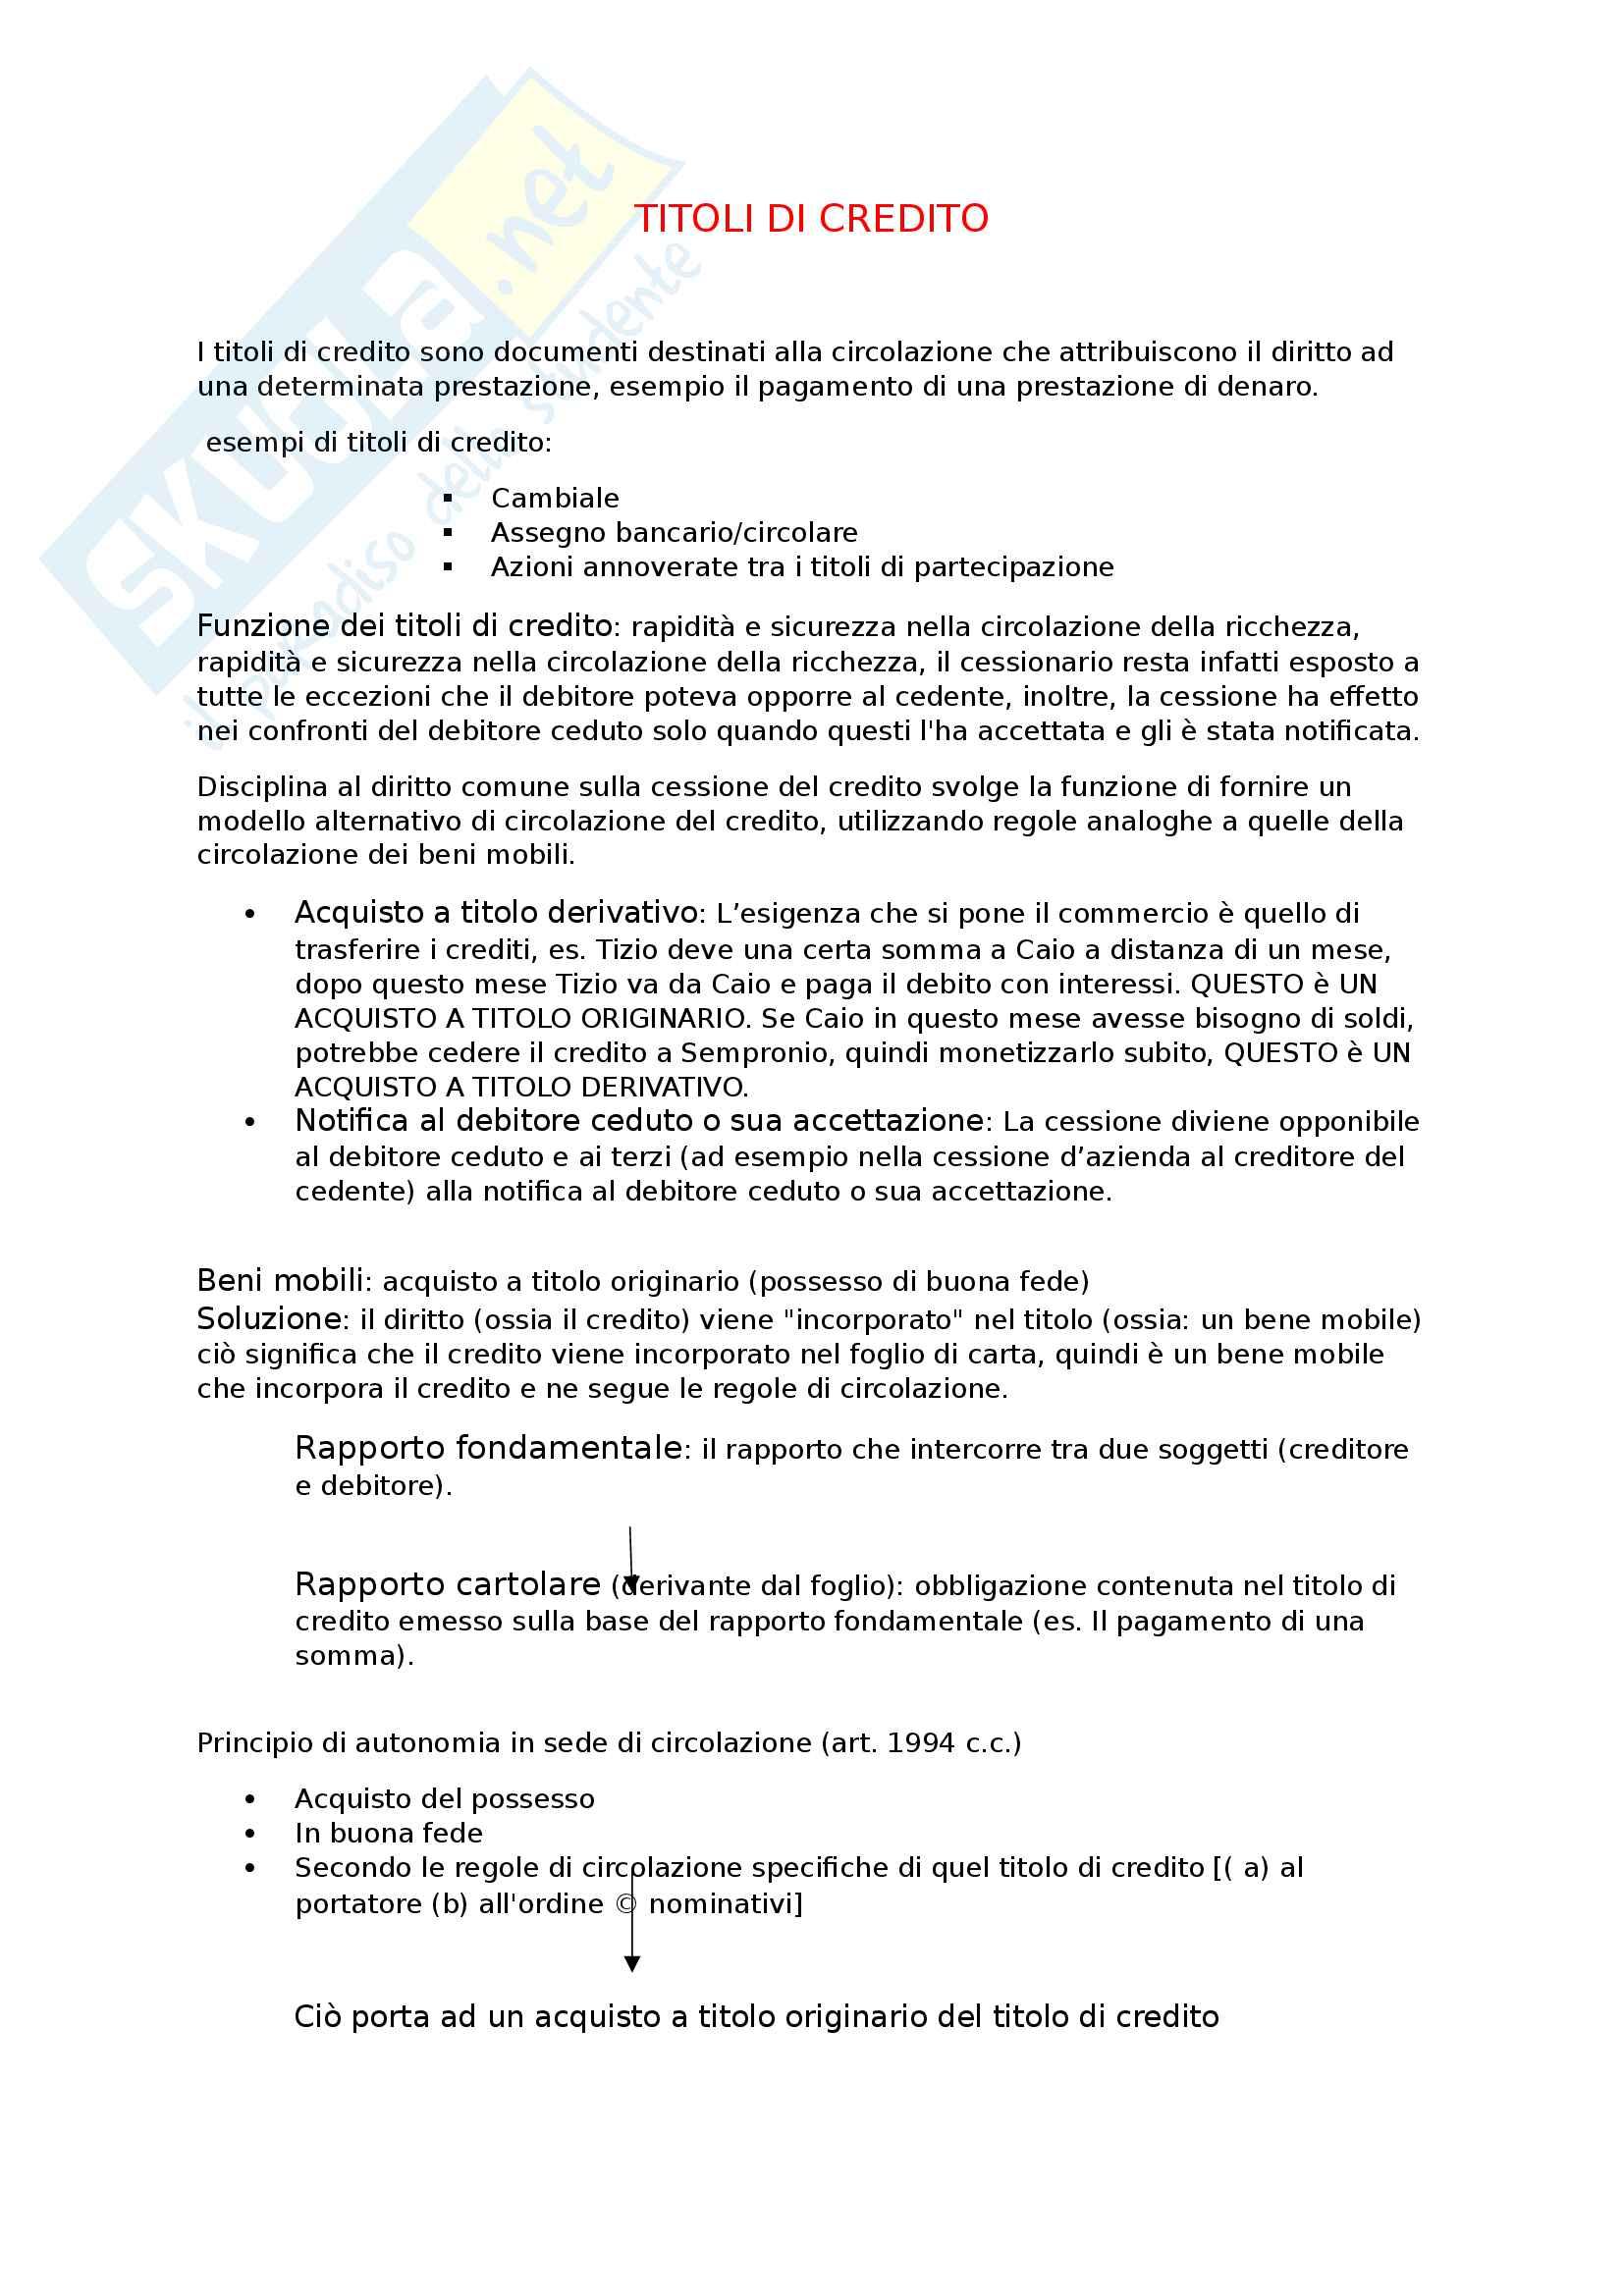 Riassunto esame diritto commerciale, prof Mucciarelli, libro consigliato Manuale di diritto commerciale di Campobasso - parte II: i titoli